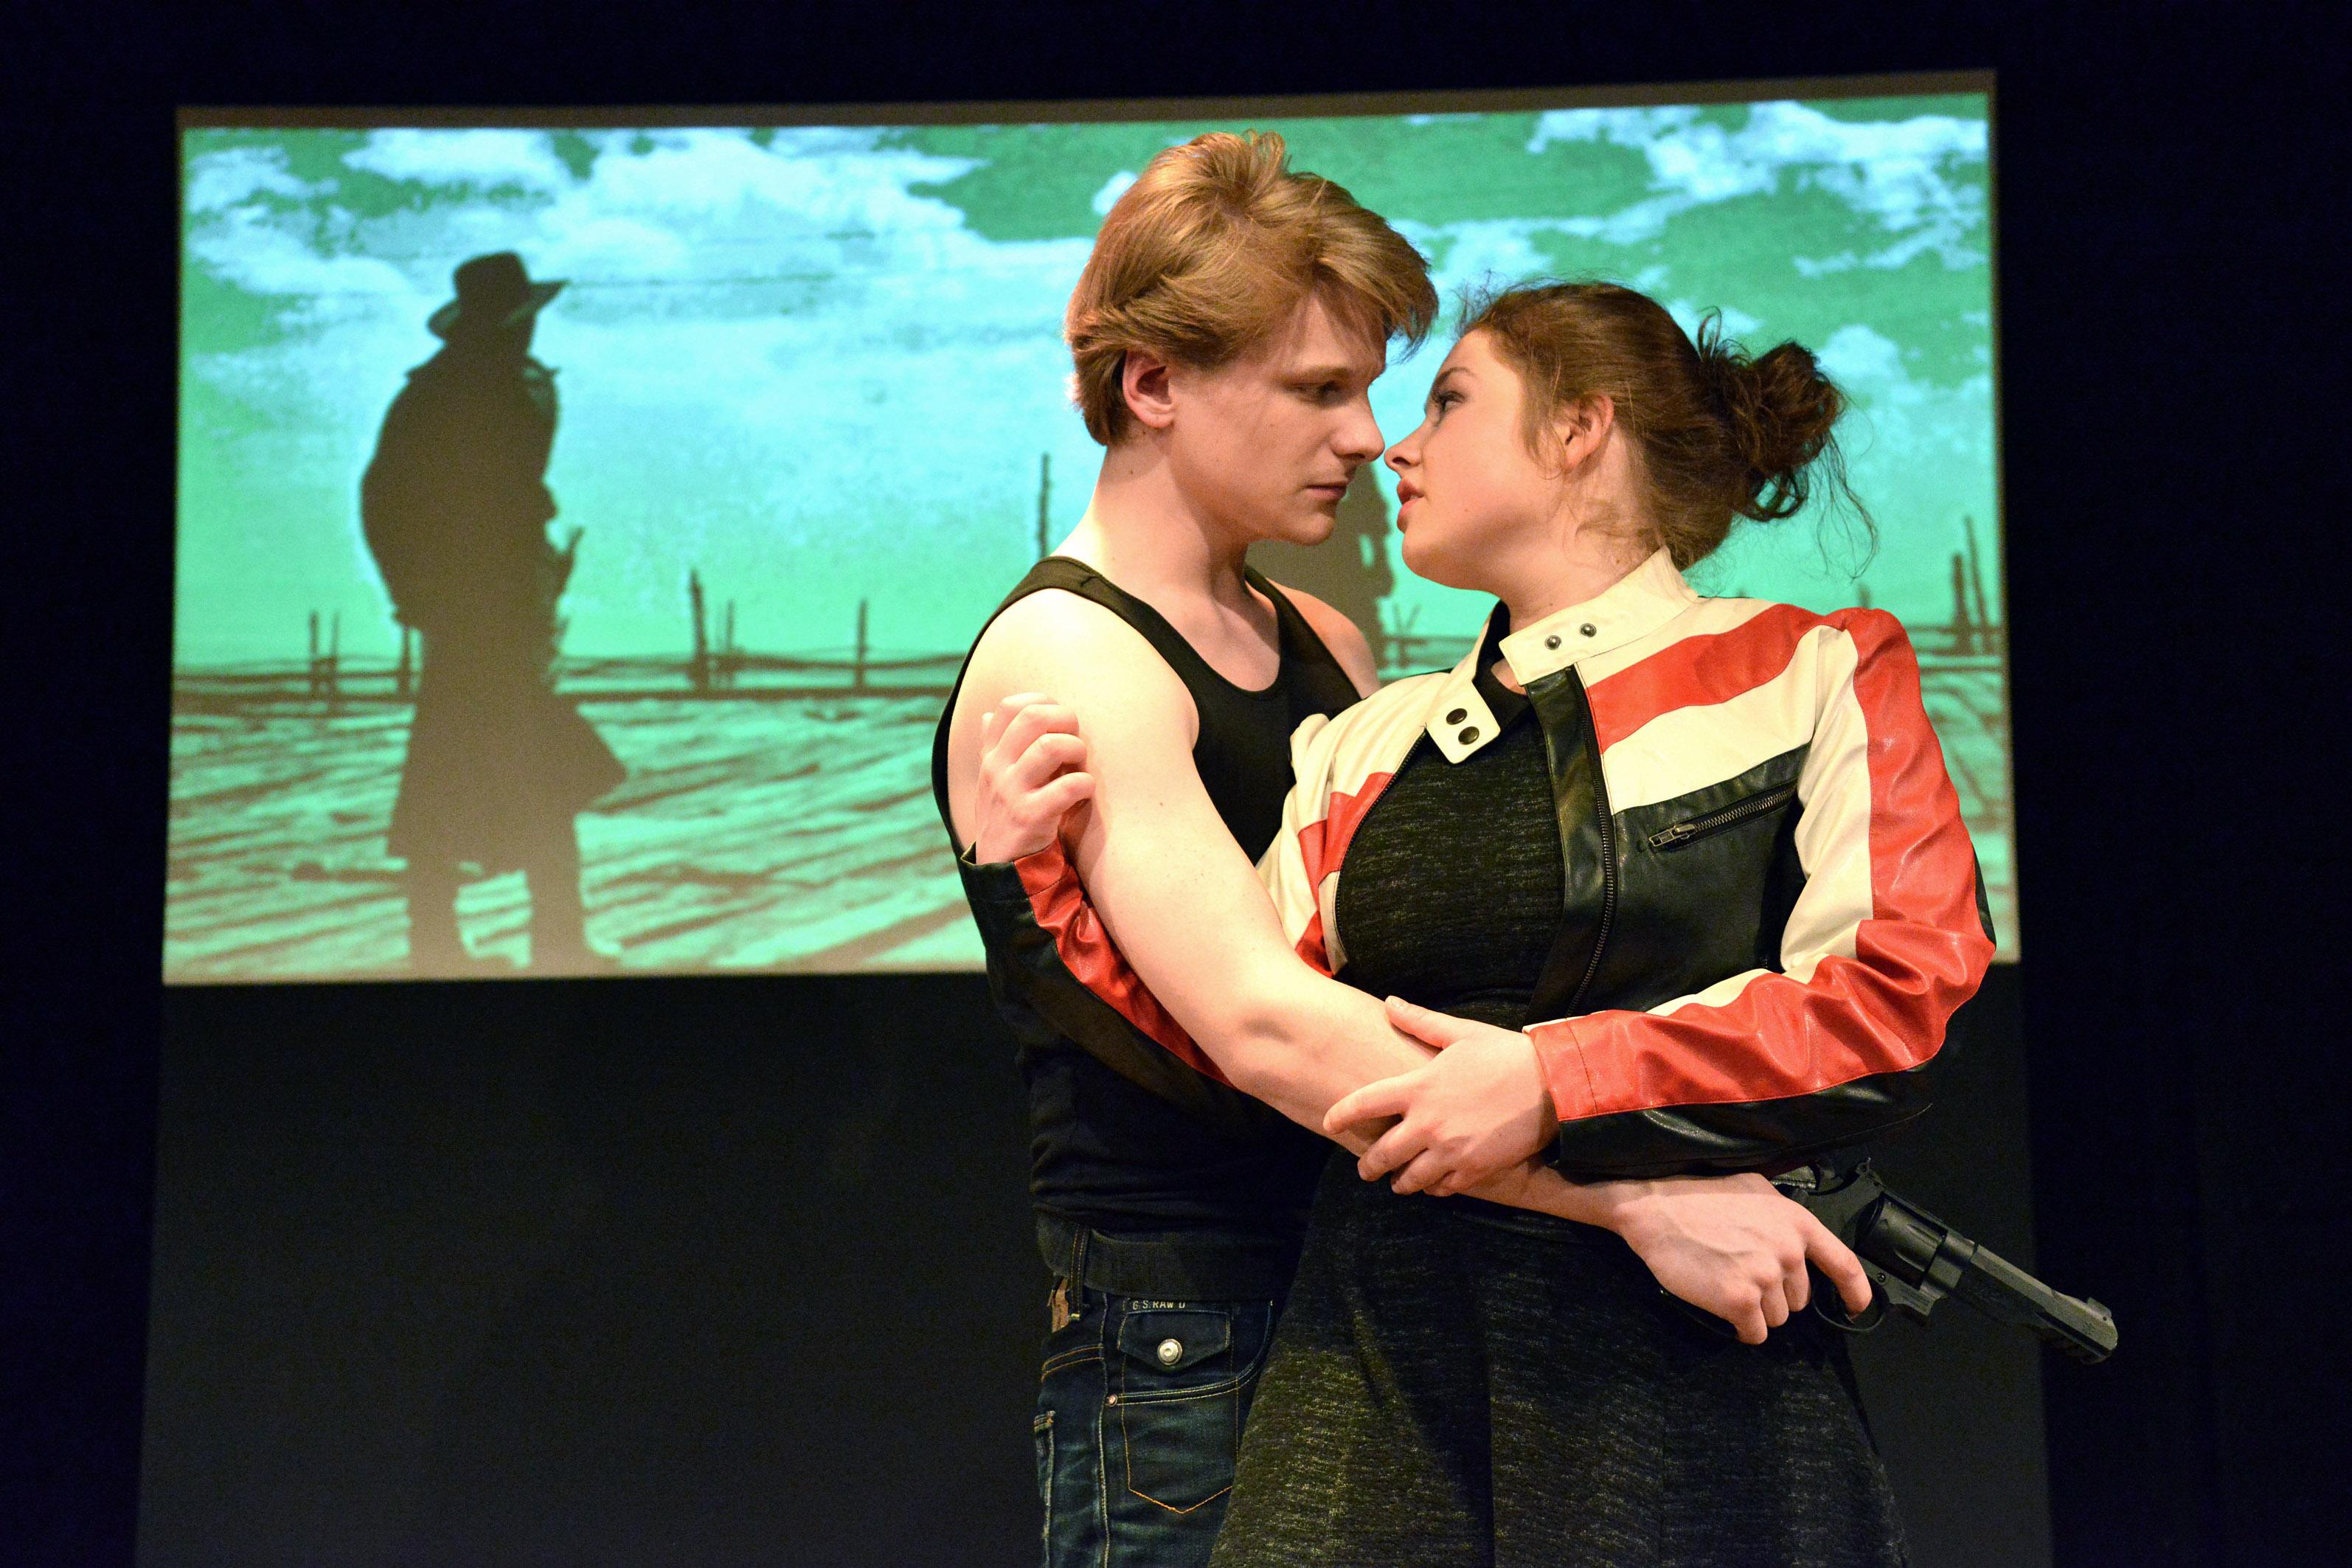 Burning Love von Fitzgerald Kusz am Kieler Theater Die Komödianten. Darsteller: Liesa Strehler und Christian Zell. Regie: Christoph Munk